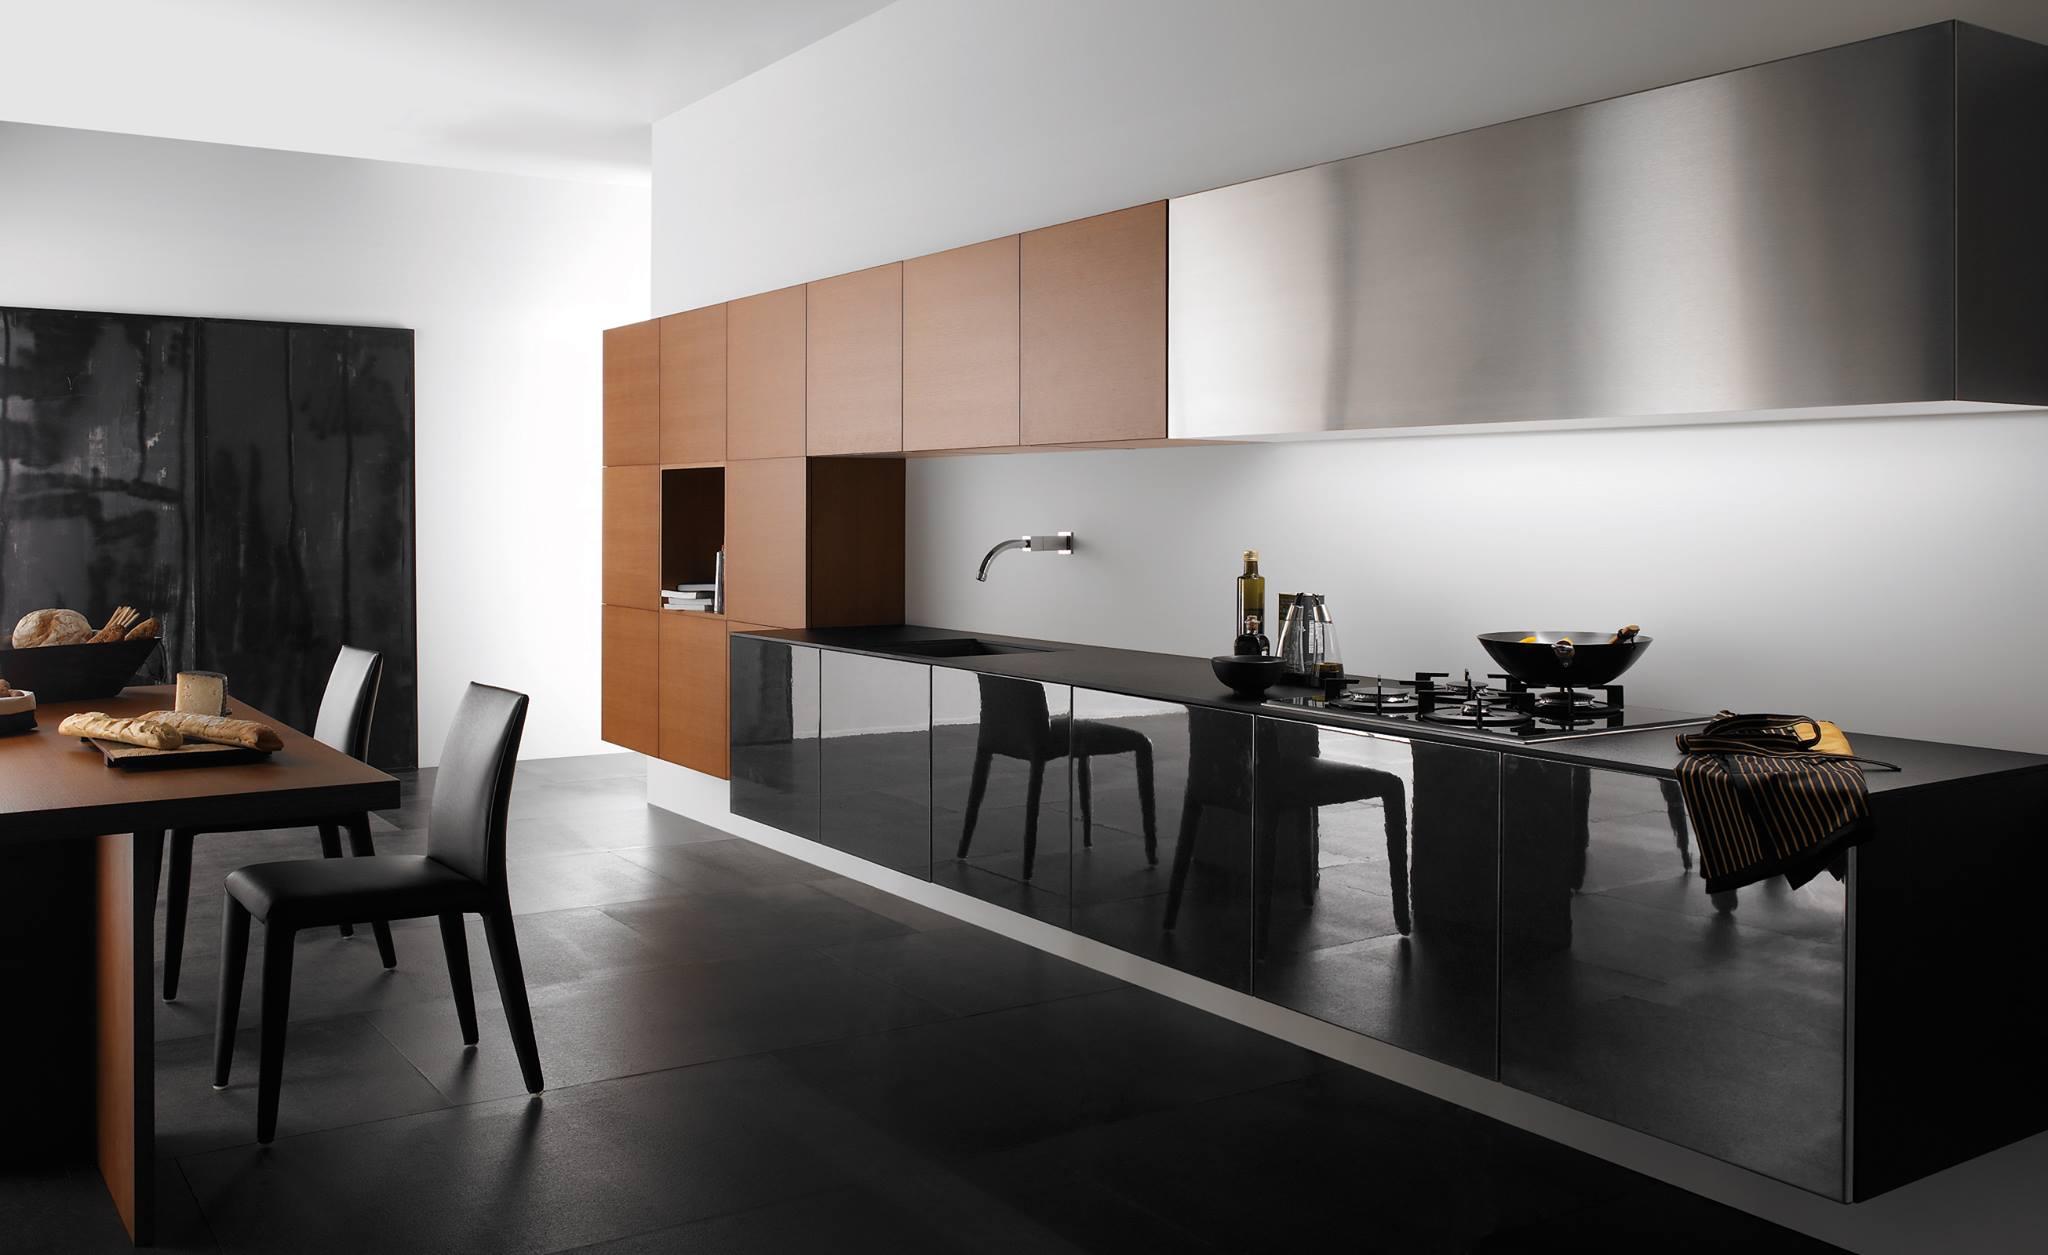 Cocinas modernas tendencias en dise o de cocinas 2016 for Interior cocinas modernas